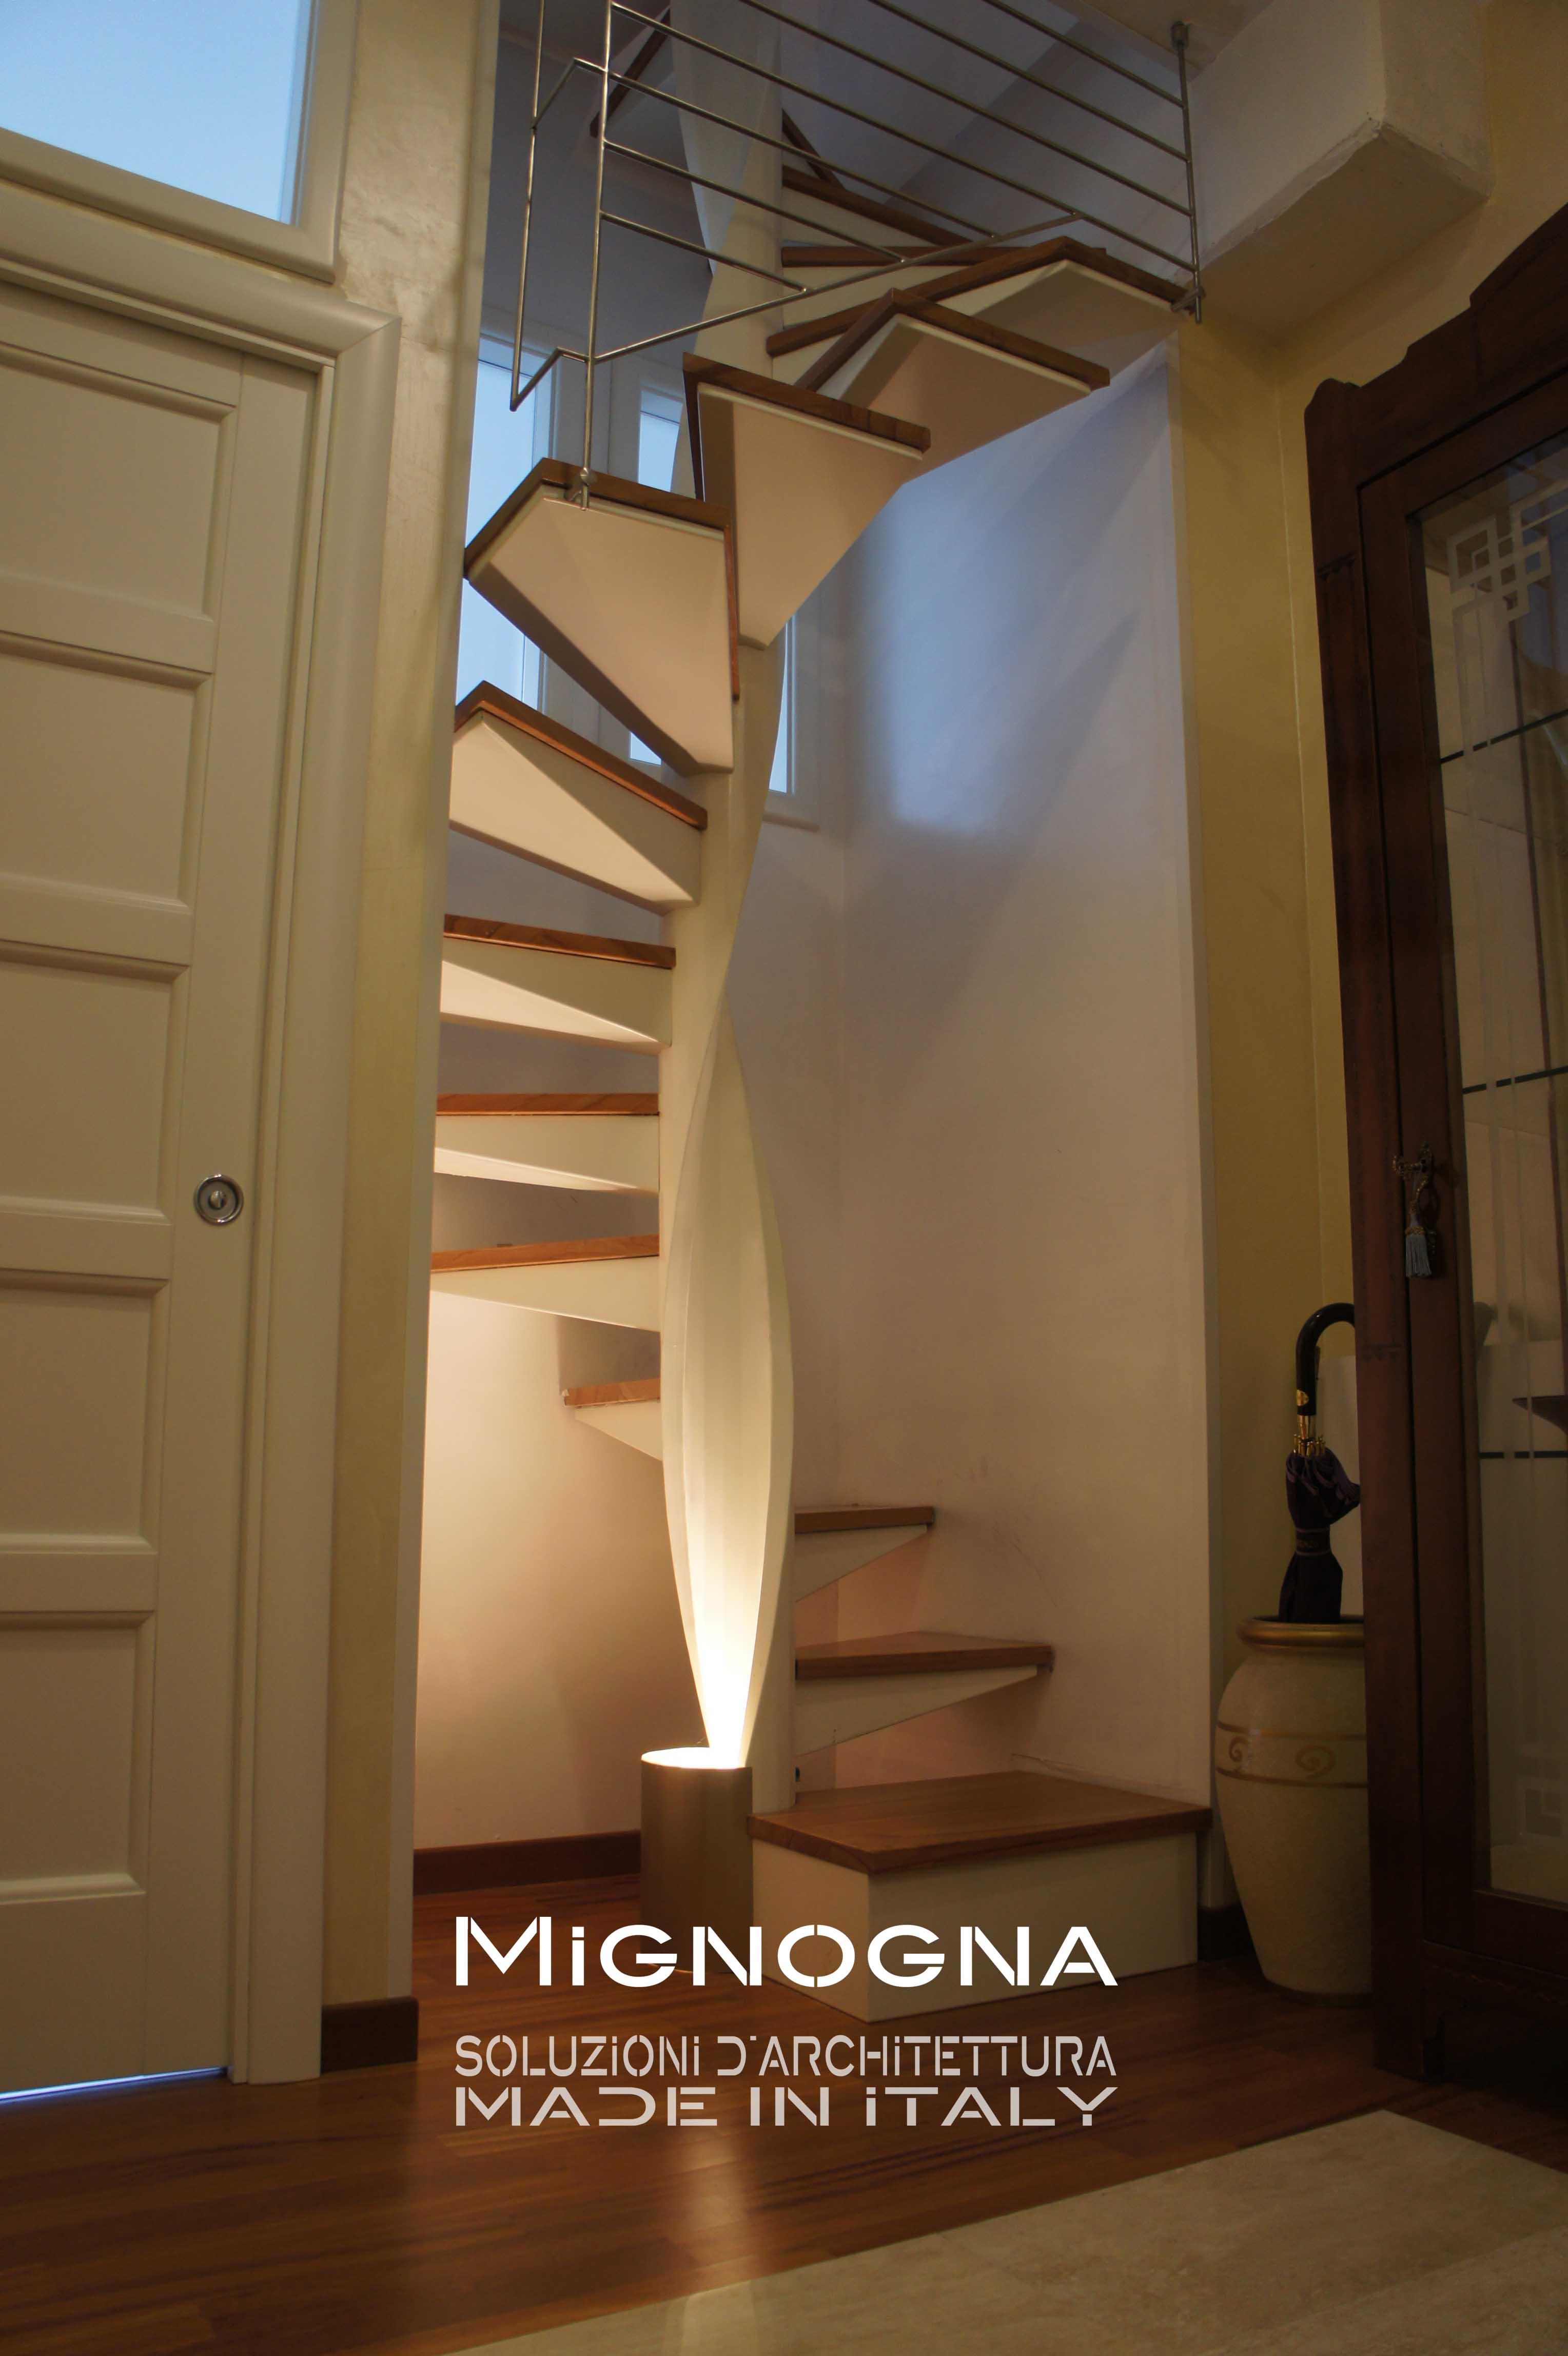 scala romantica in acciaio sagomato verniciato, gradini in legno, finiture inox . light design